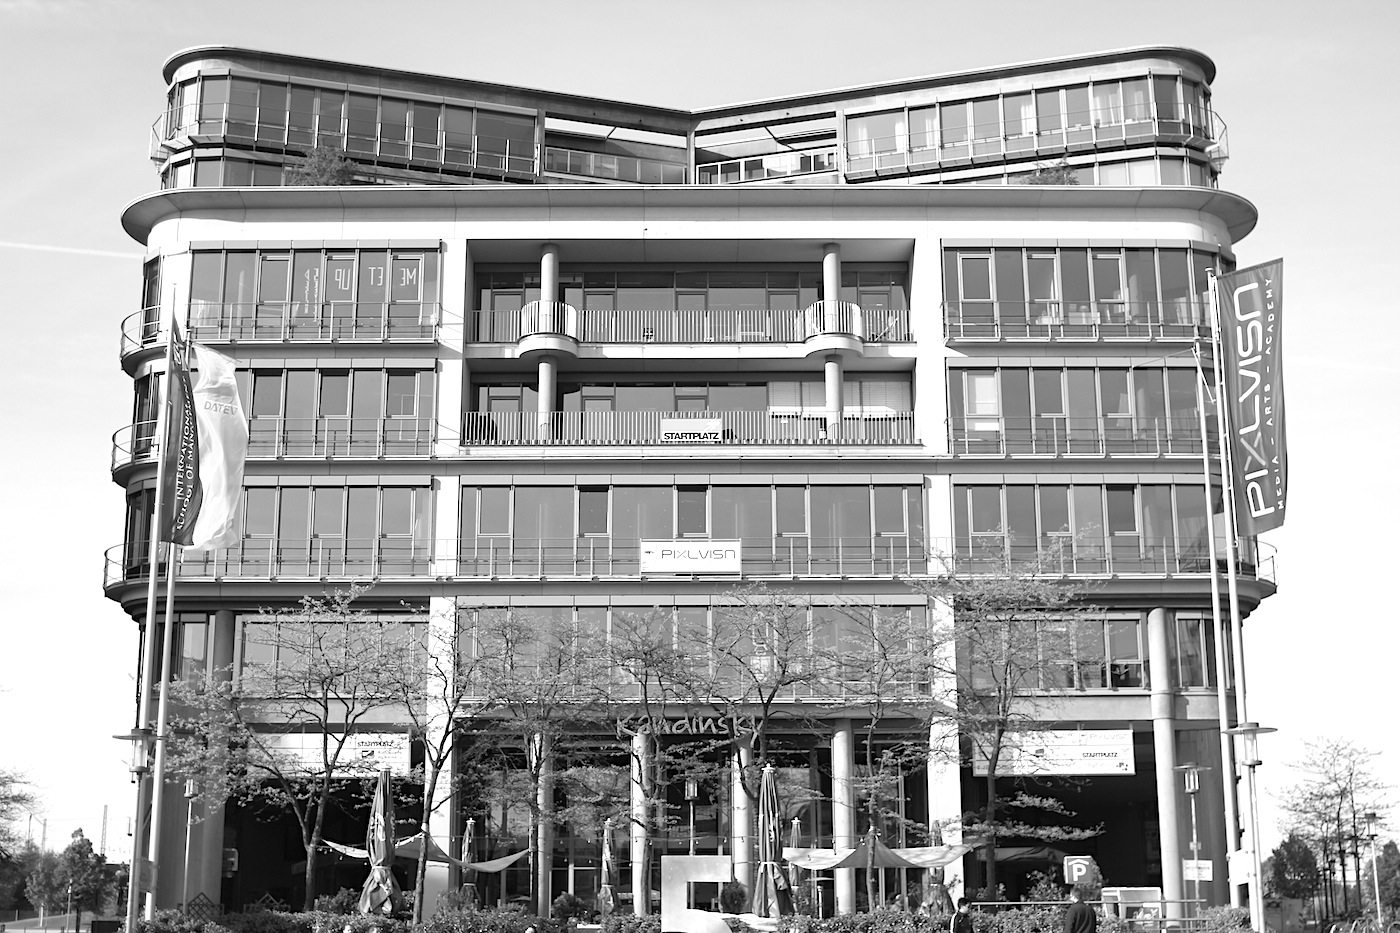 Im MediaPark 5, 1994. Miroslav Volf, Köln. Ensemble mit einzelnen trapezförmigen Baublöcken, die sich um den halbrunden zentralen Platz gruppieren.